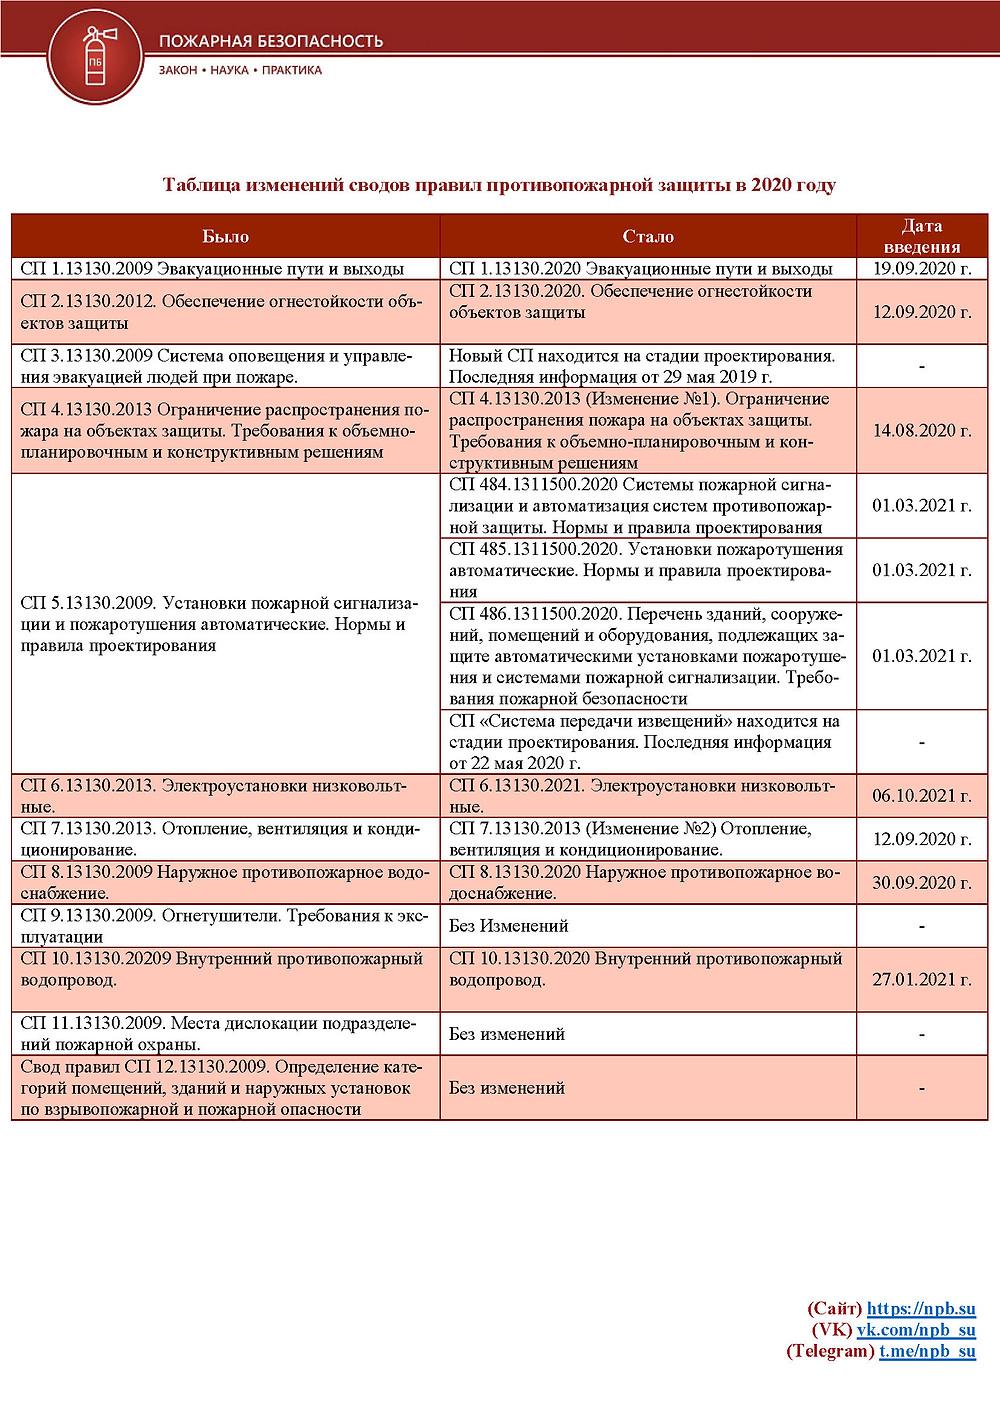 tablica-izmenenij-svodov-pravil-protivopozharnoj-zashchity-v-2020-2021-godakh